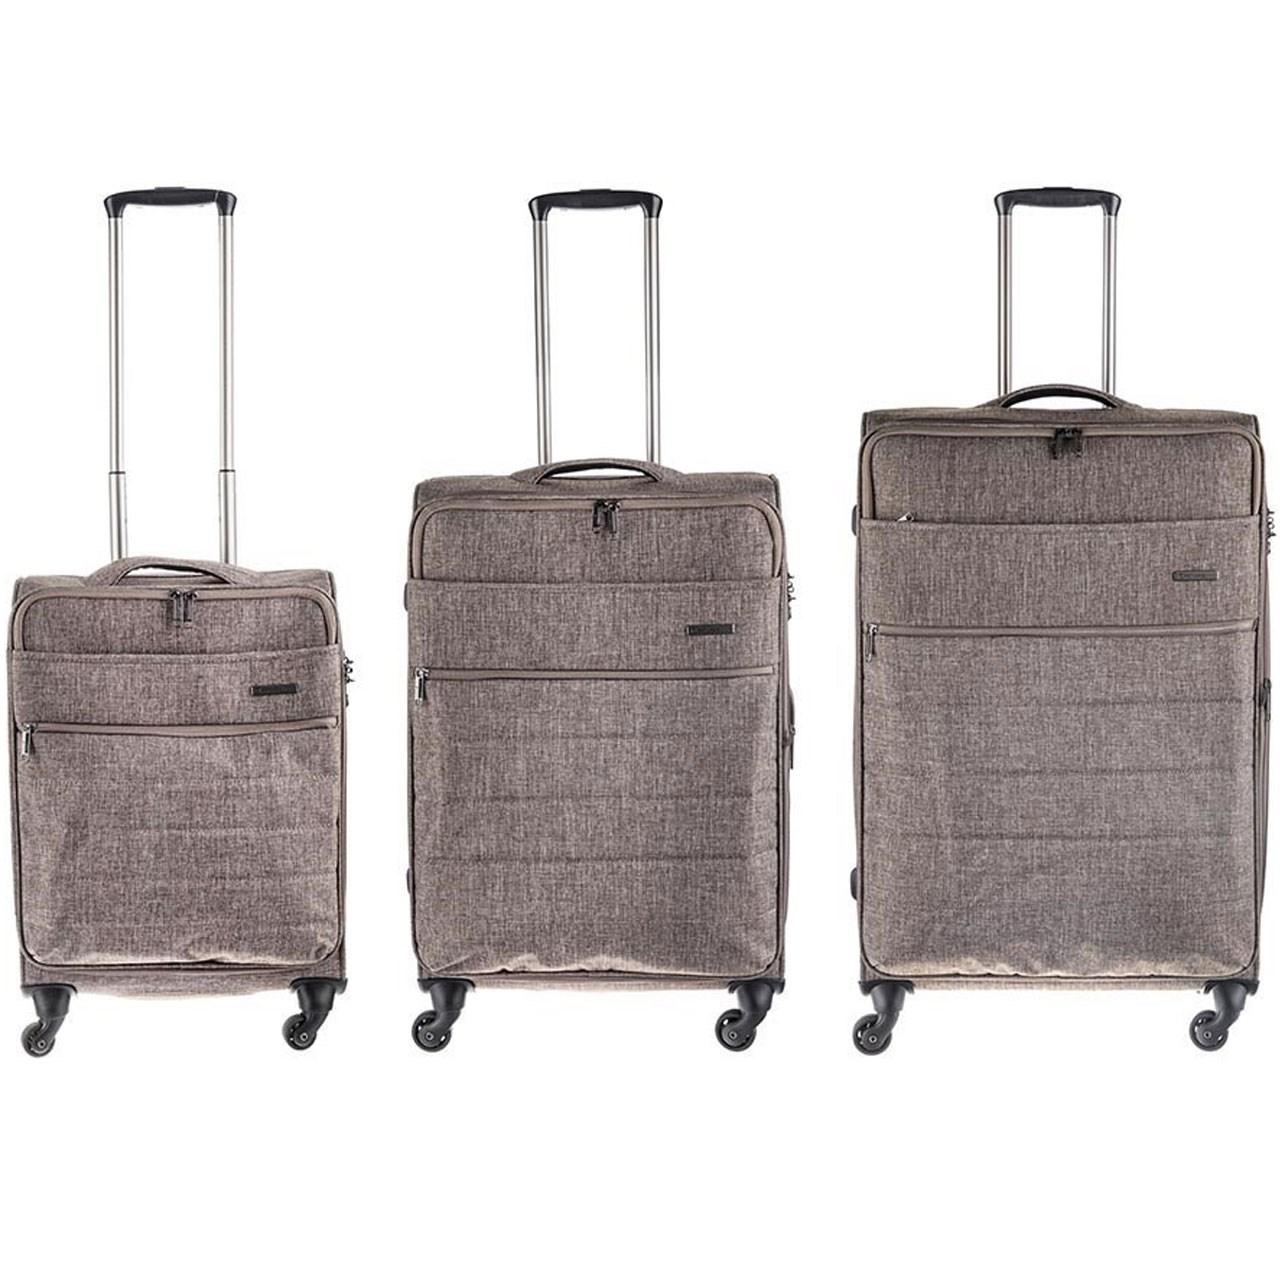 مجموعه سه عددی چمدان کانوود مدل CT778